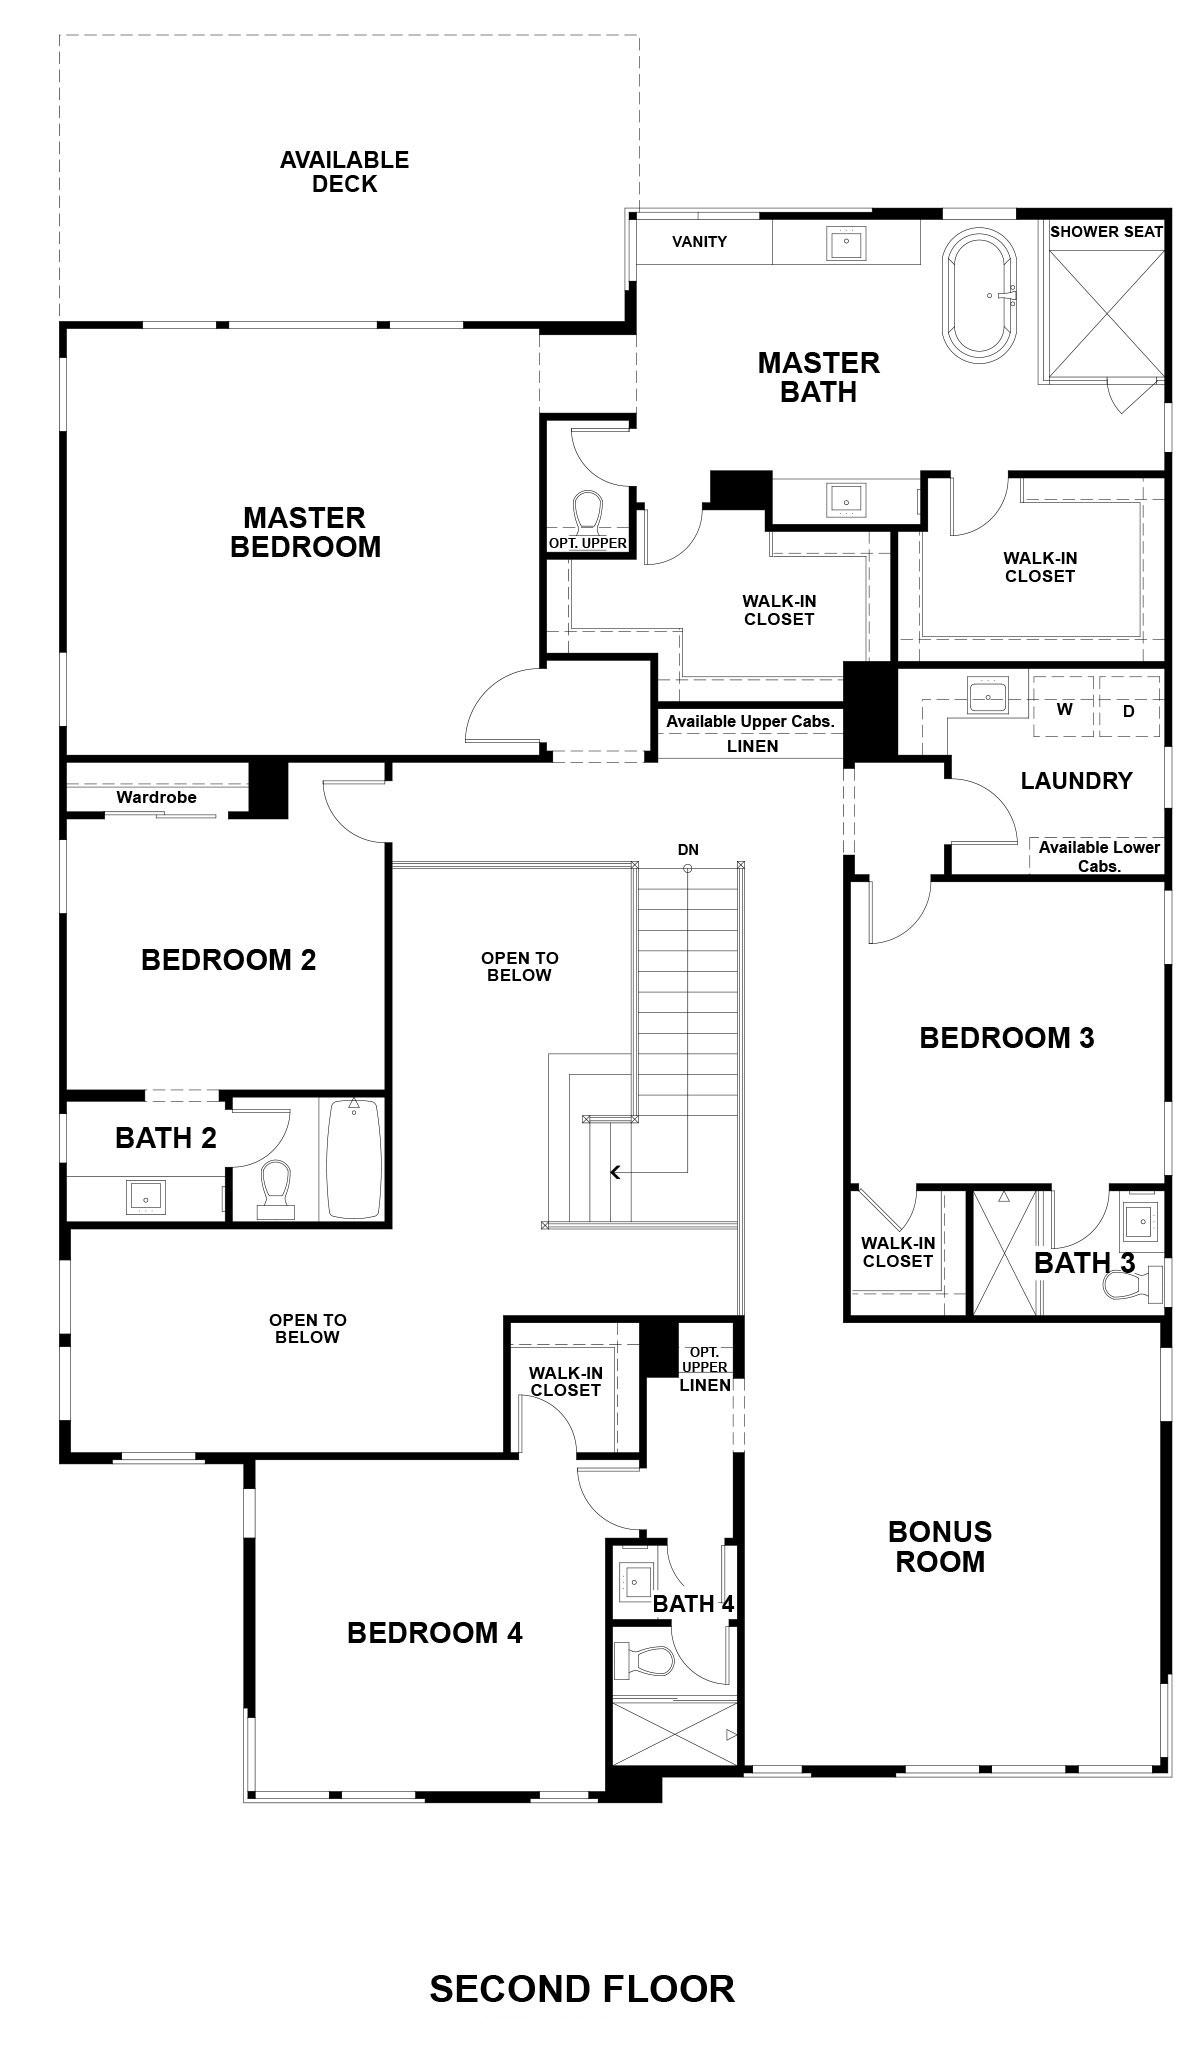 Ridgepointe floor plan - Residence 3, floor 2